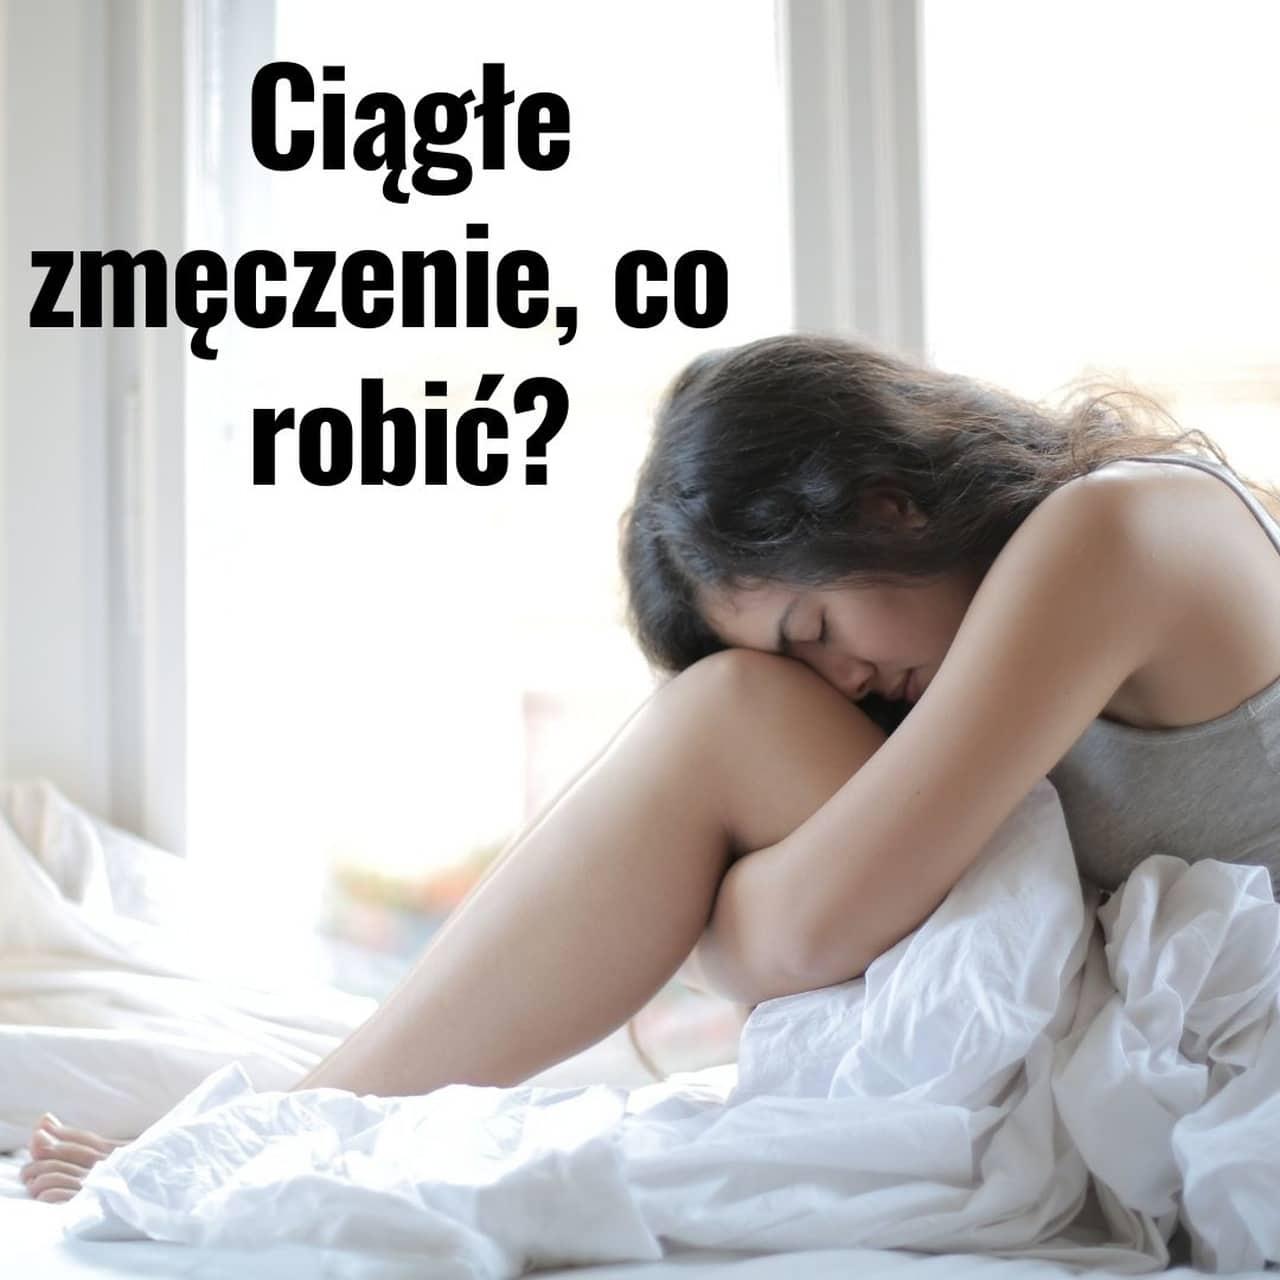 You are currently viewing Ciągłe zmęczenie, co robić?